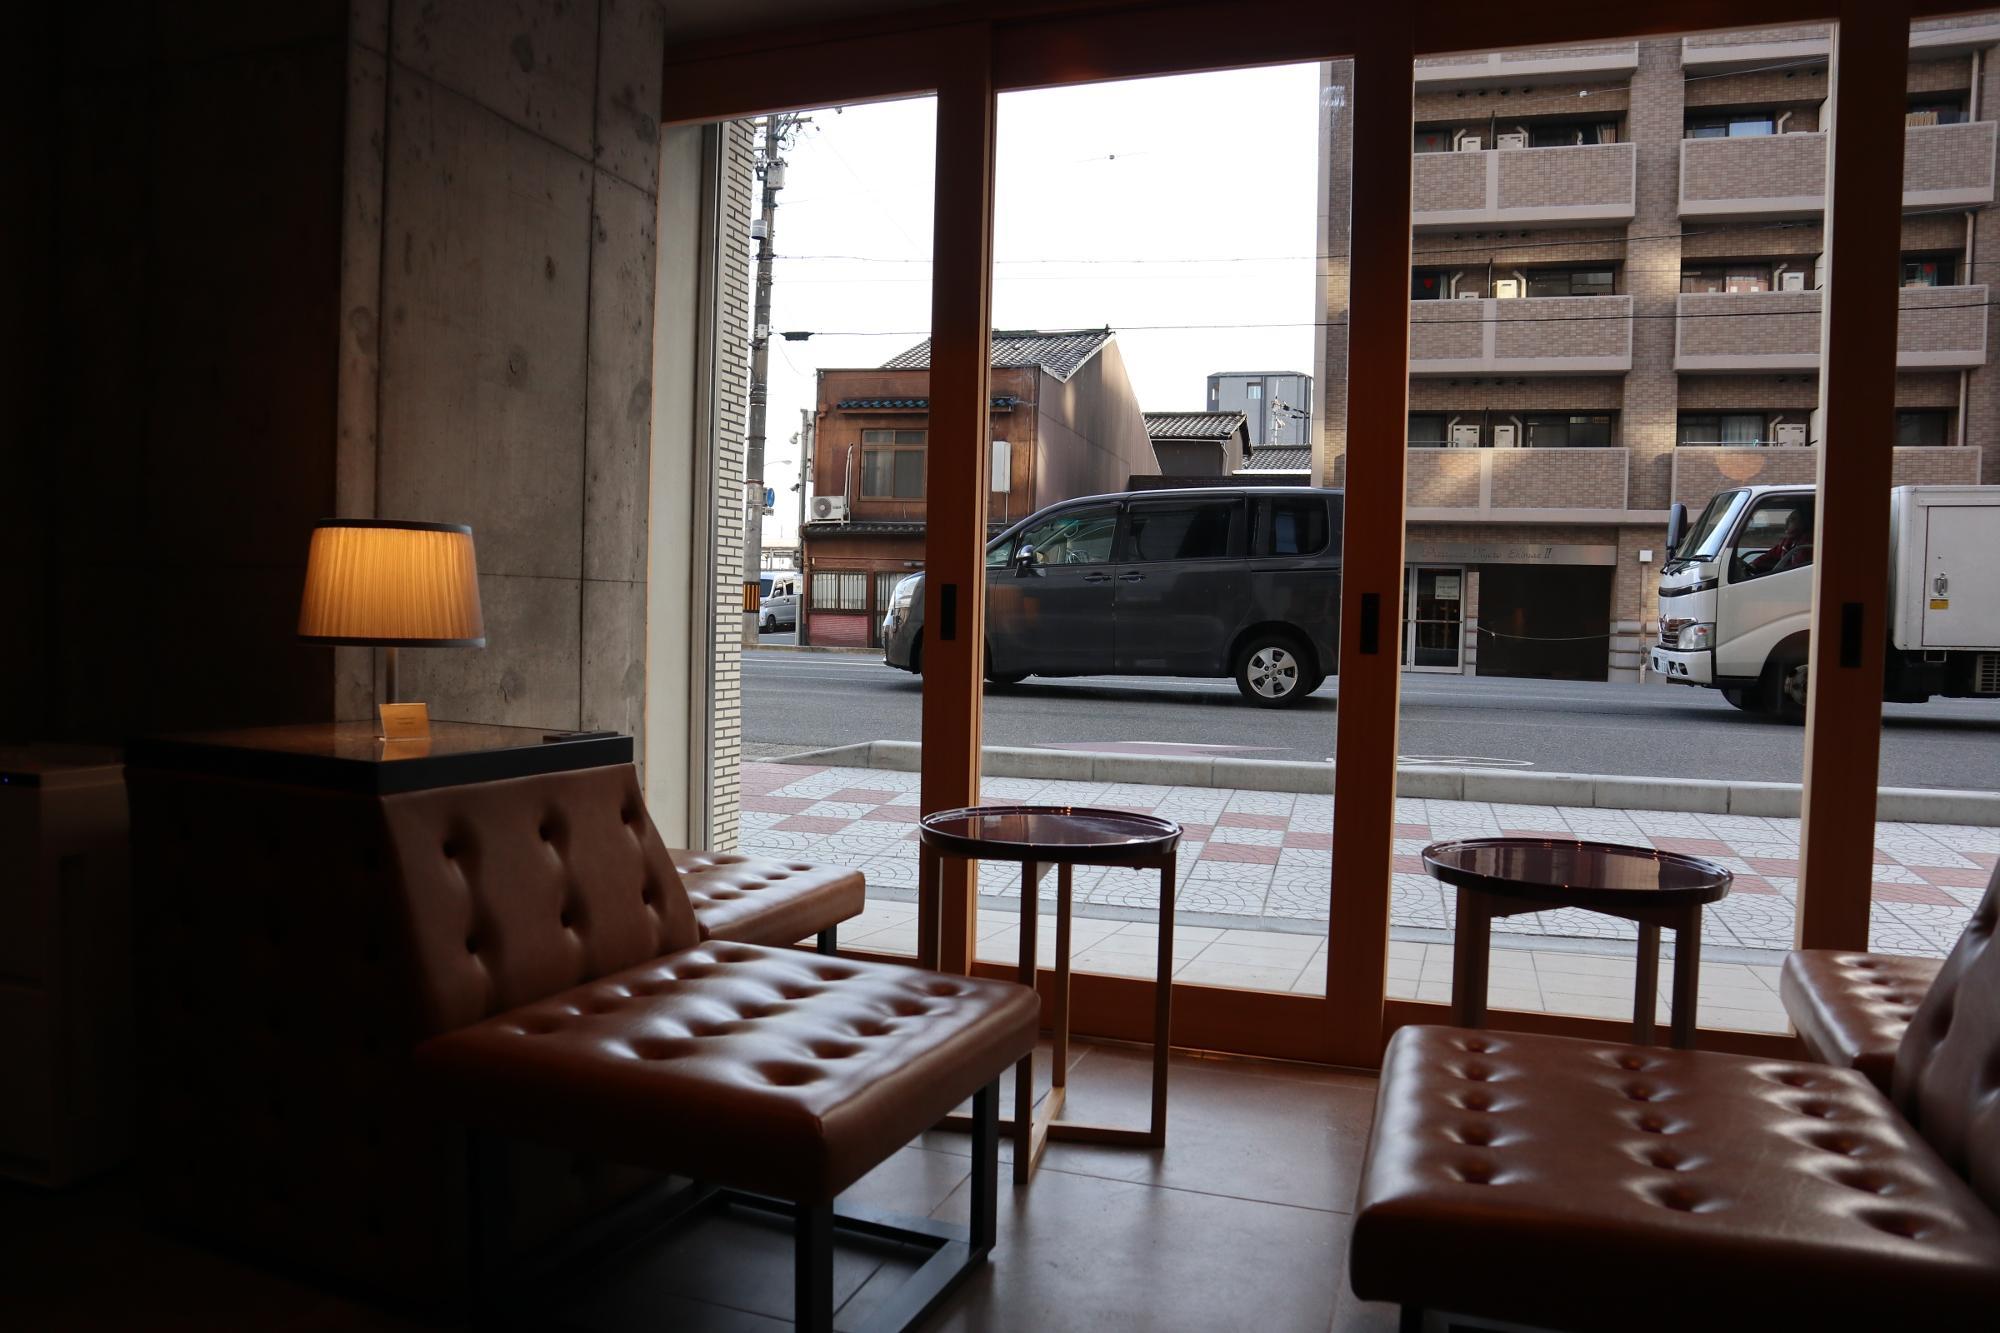 穏やかな時間がながれるカフェで